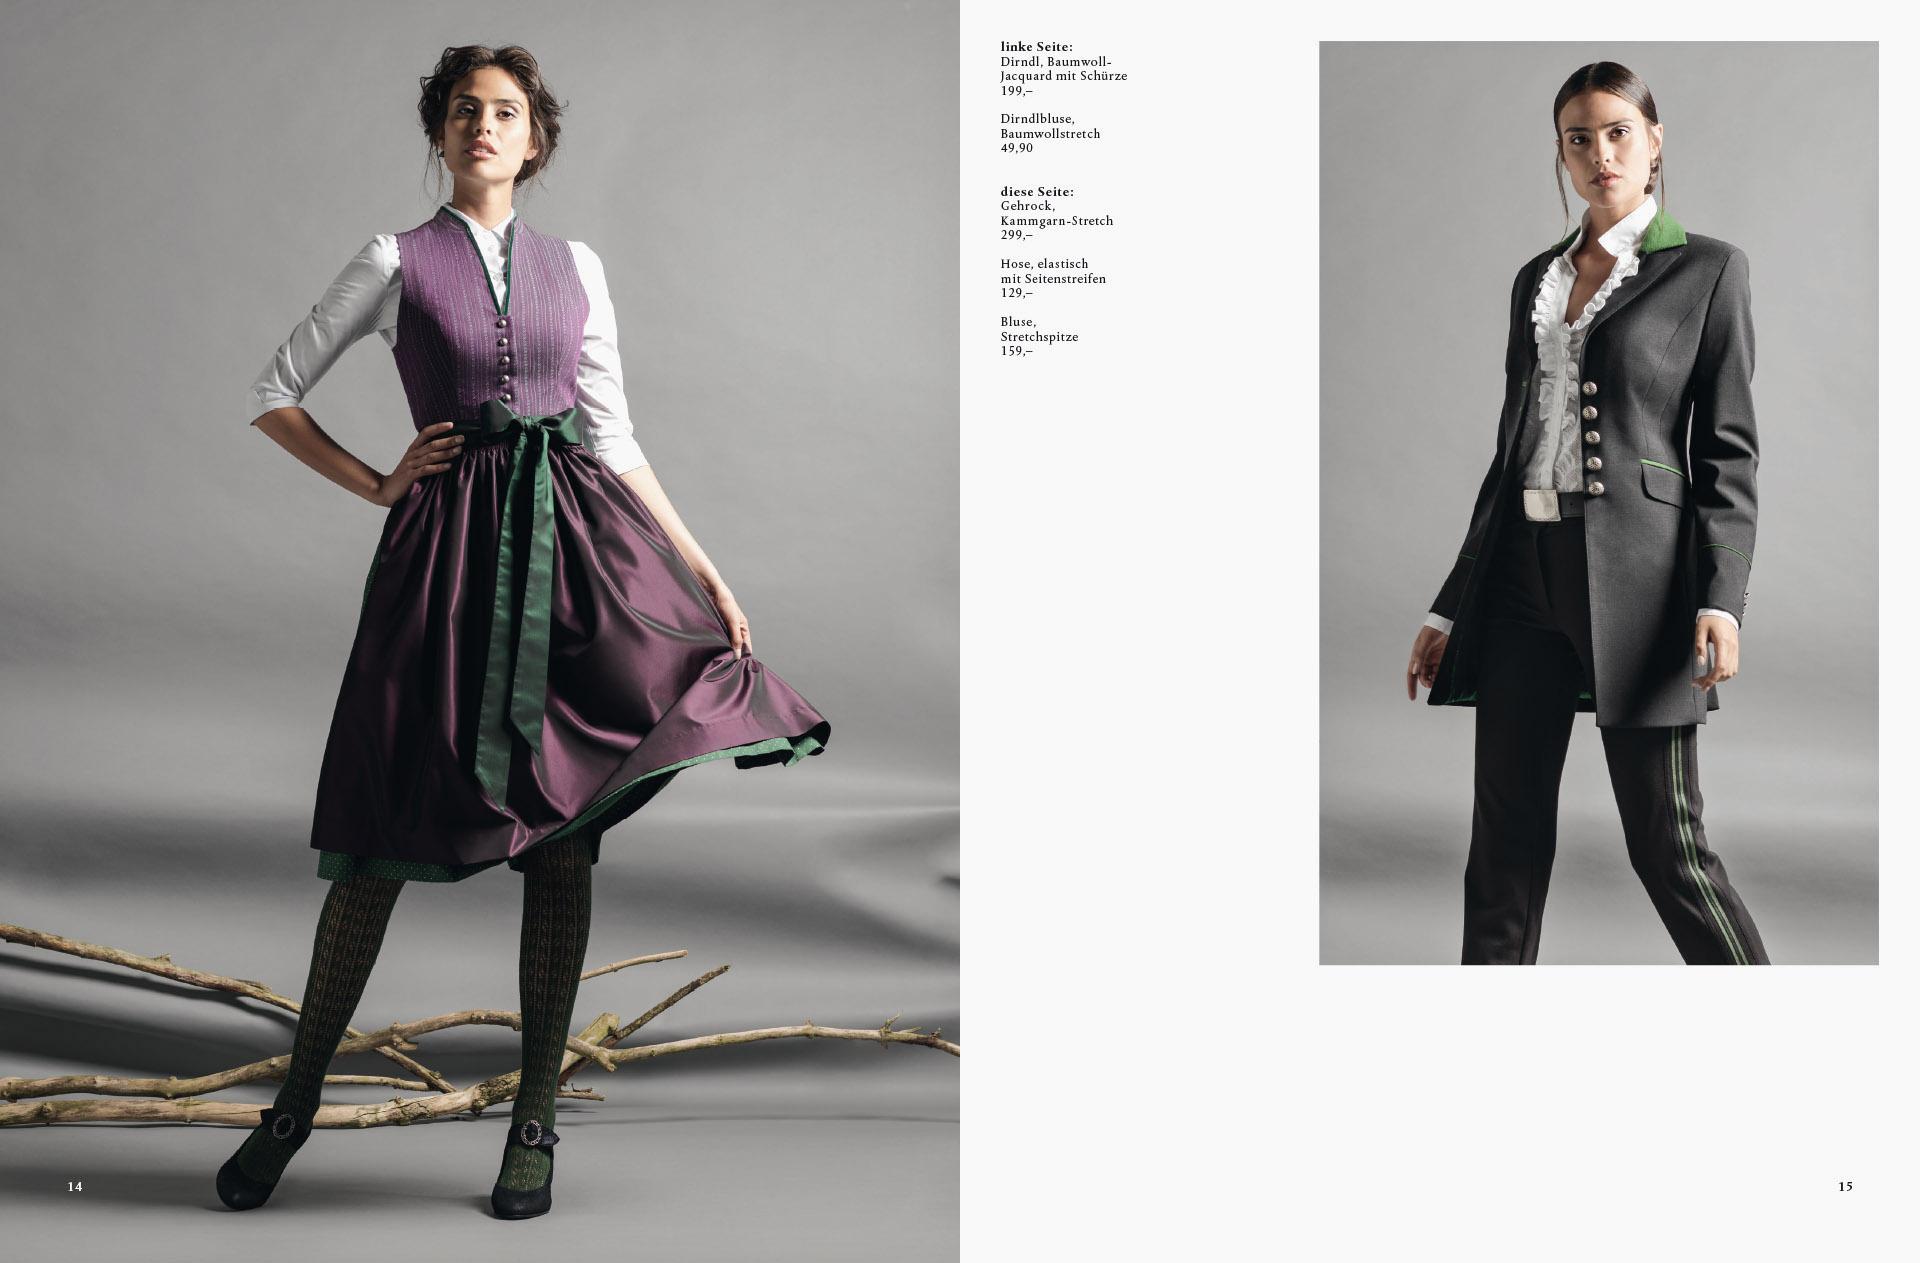 Fotowerk Modefotografie - vom klassischen Dirndl bis zum eleganten Outfit